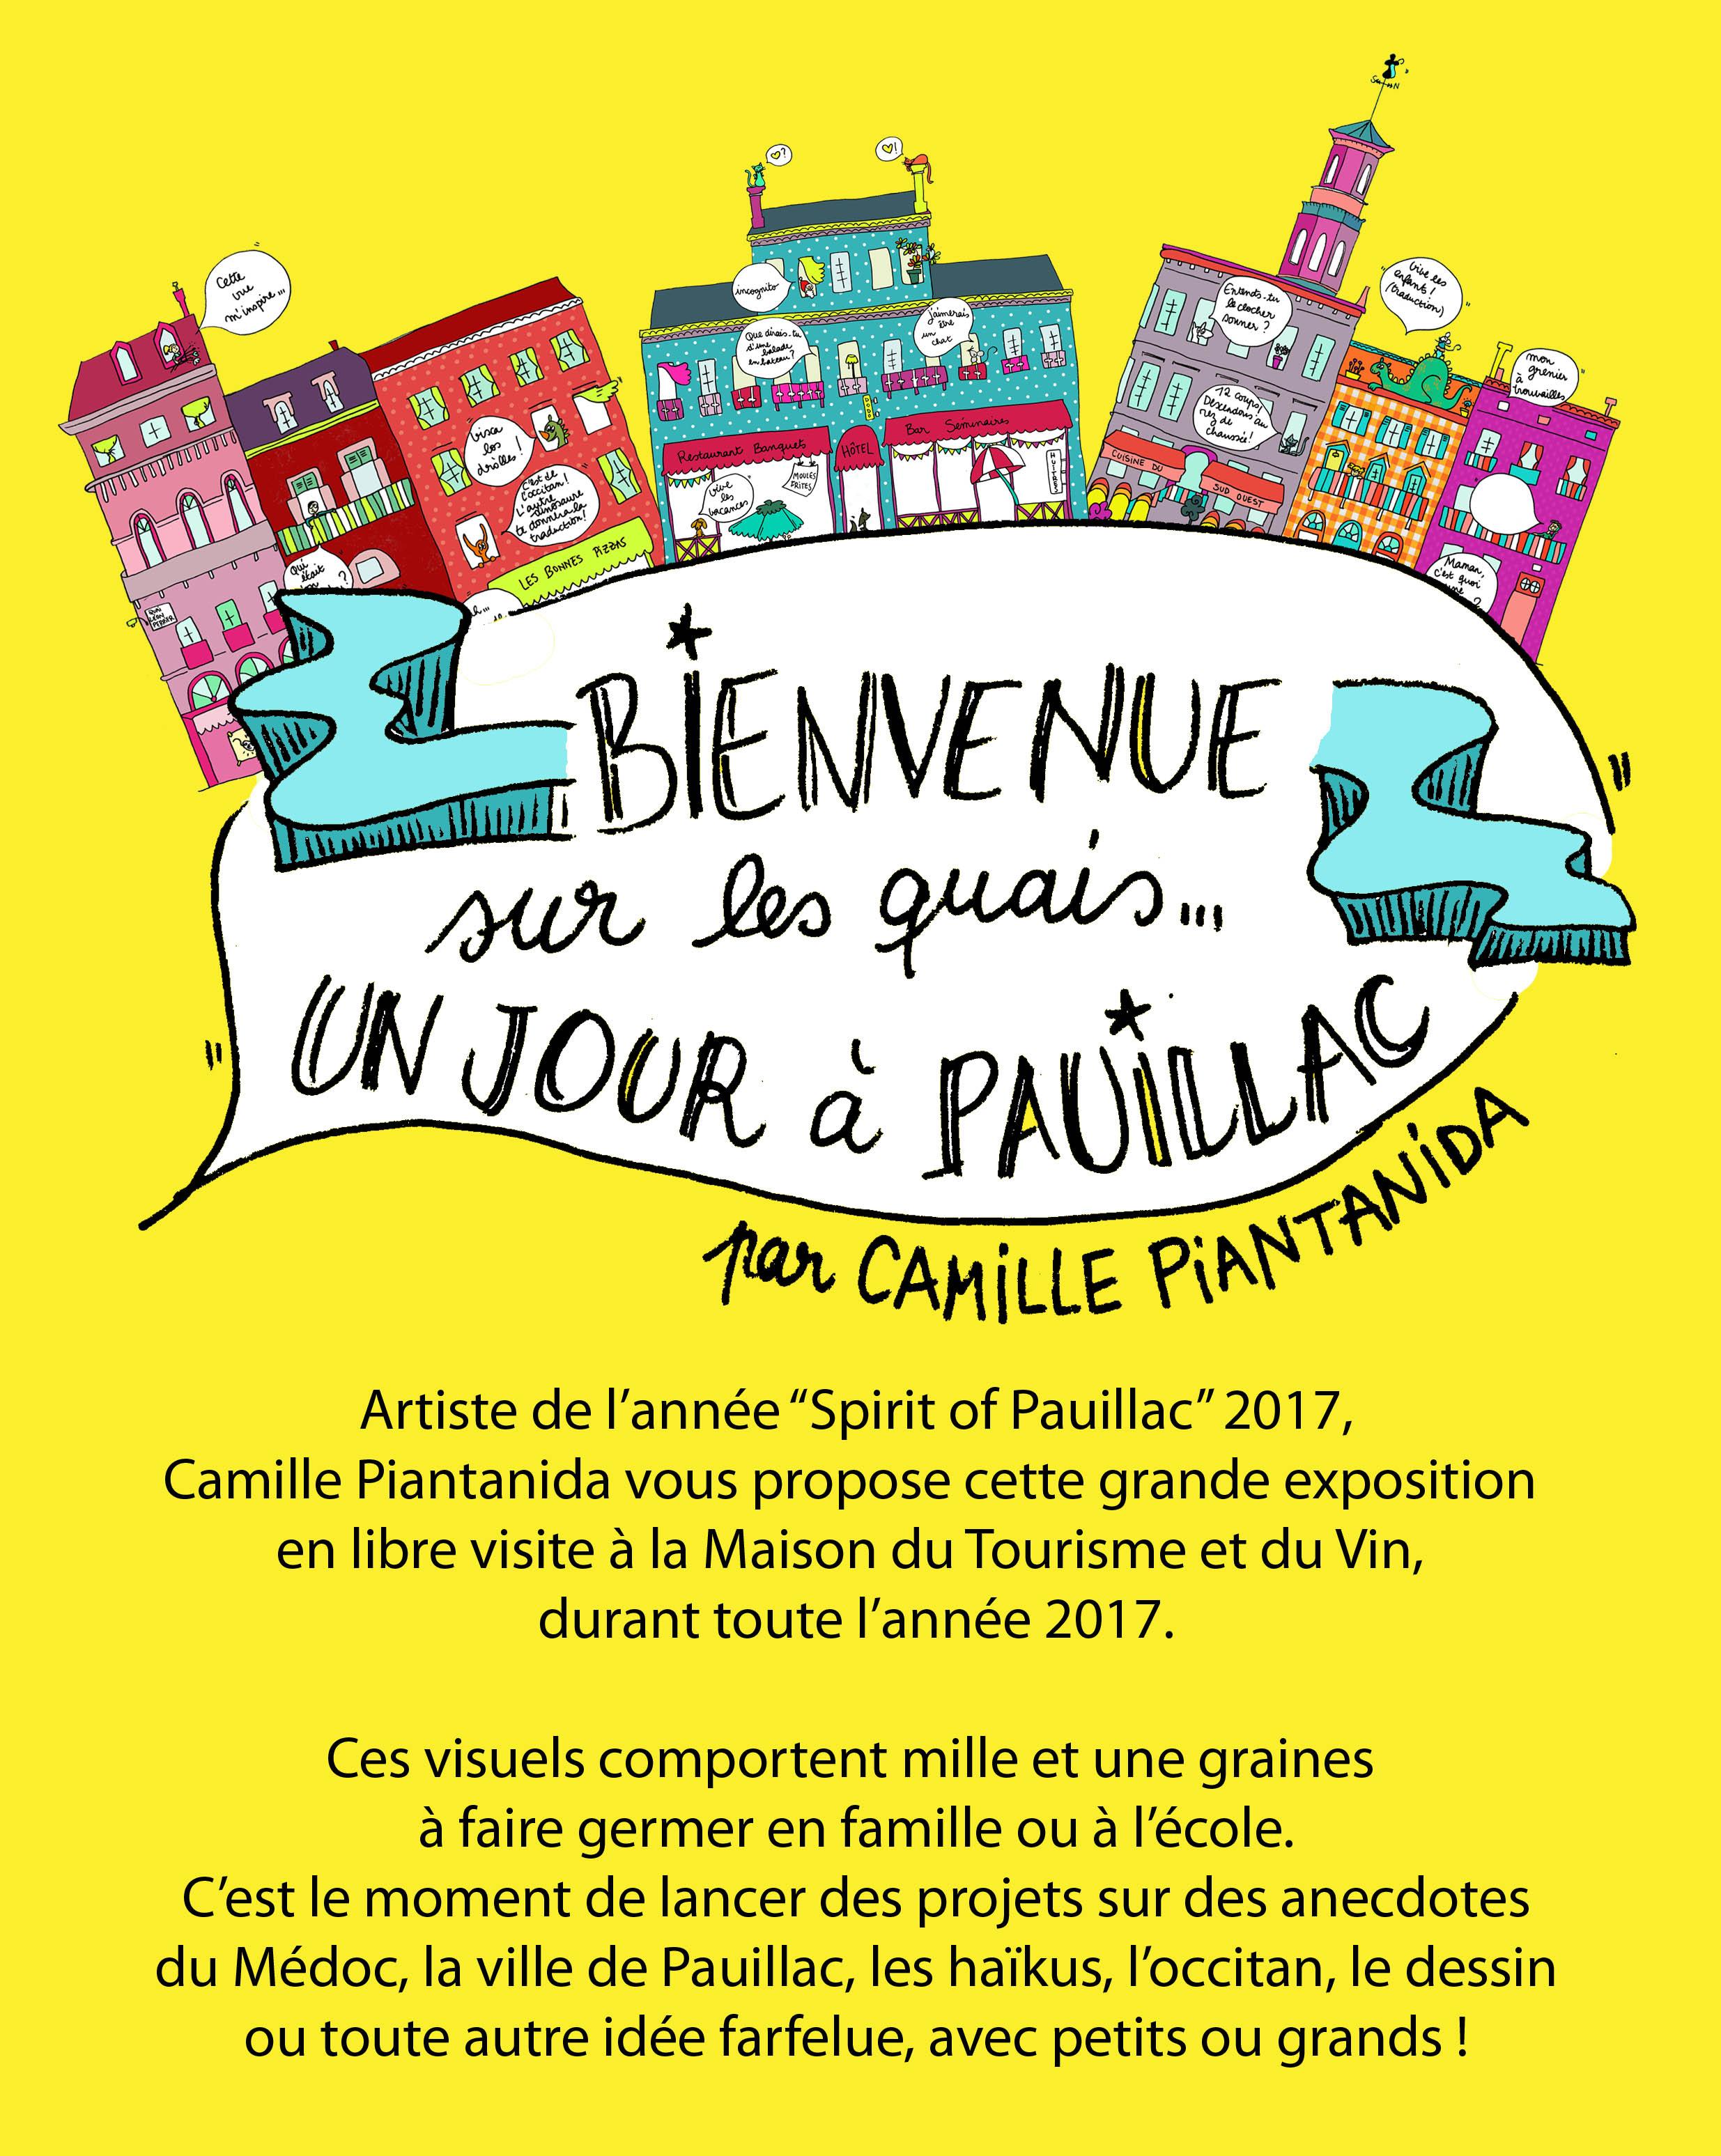 Expo-Pauillac-Camille-Piantanida